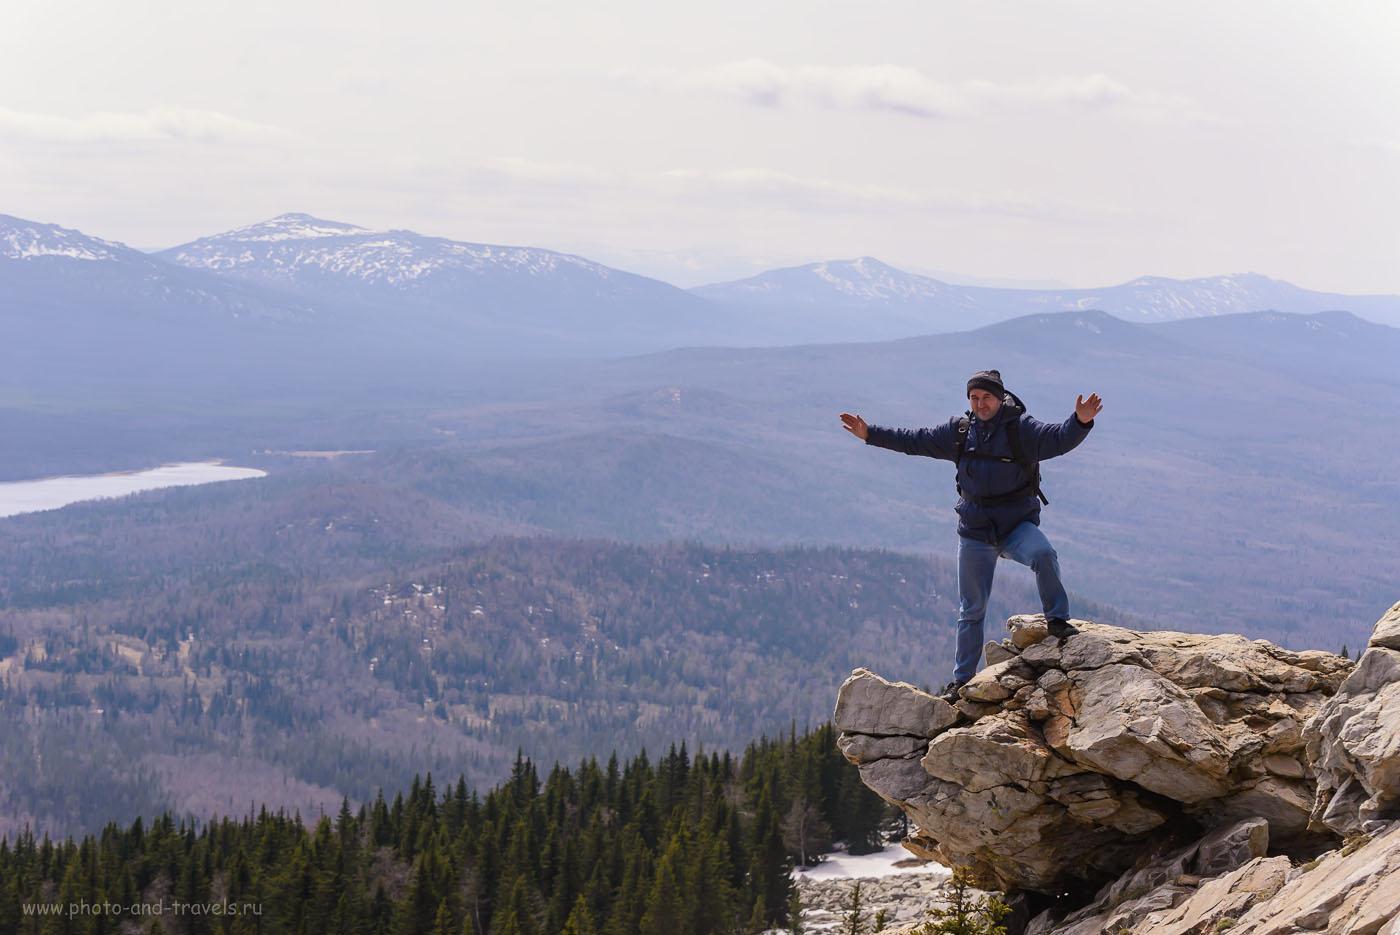 Фото 7. У вершины хребта Зюраткуль. Если не ошибаюсь, сзади – хребет Нургуш (высота 1406 метров). 1/1250, 8.0, 400, 92.